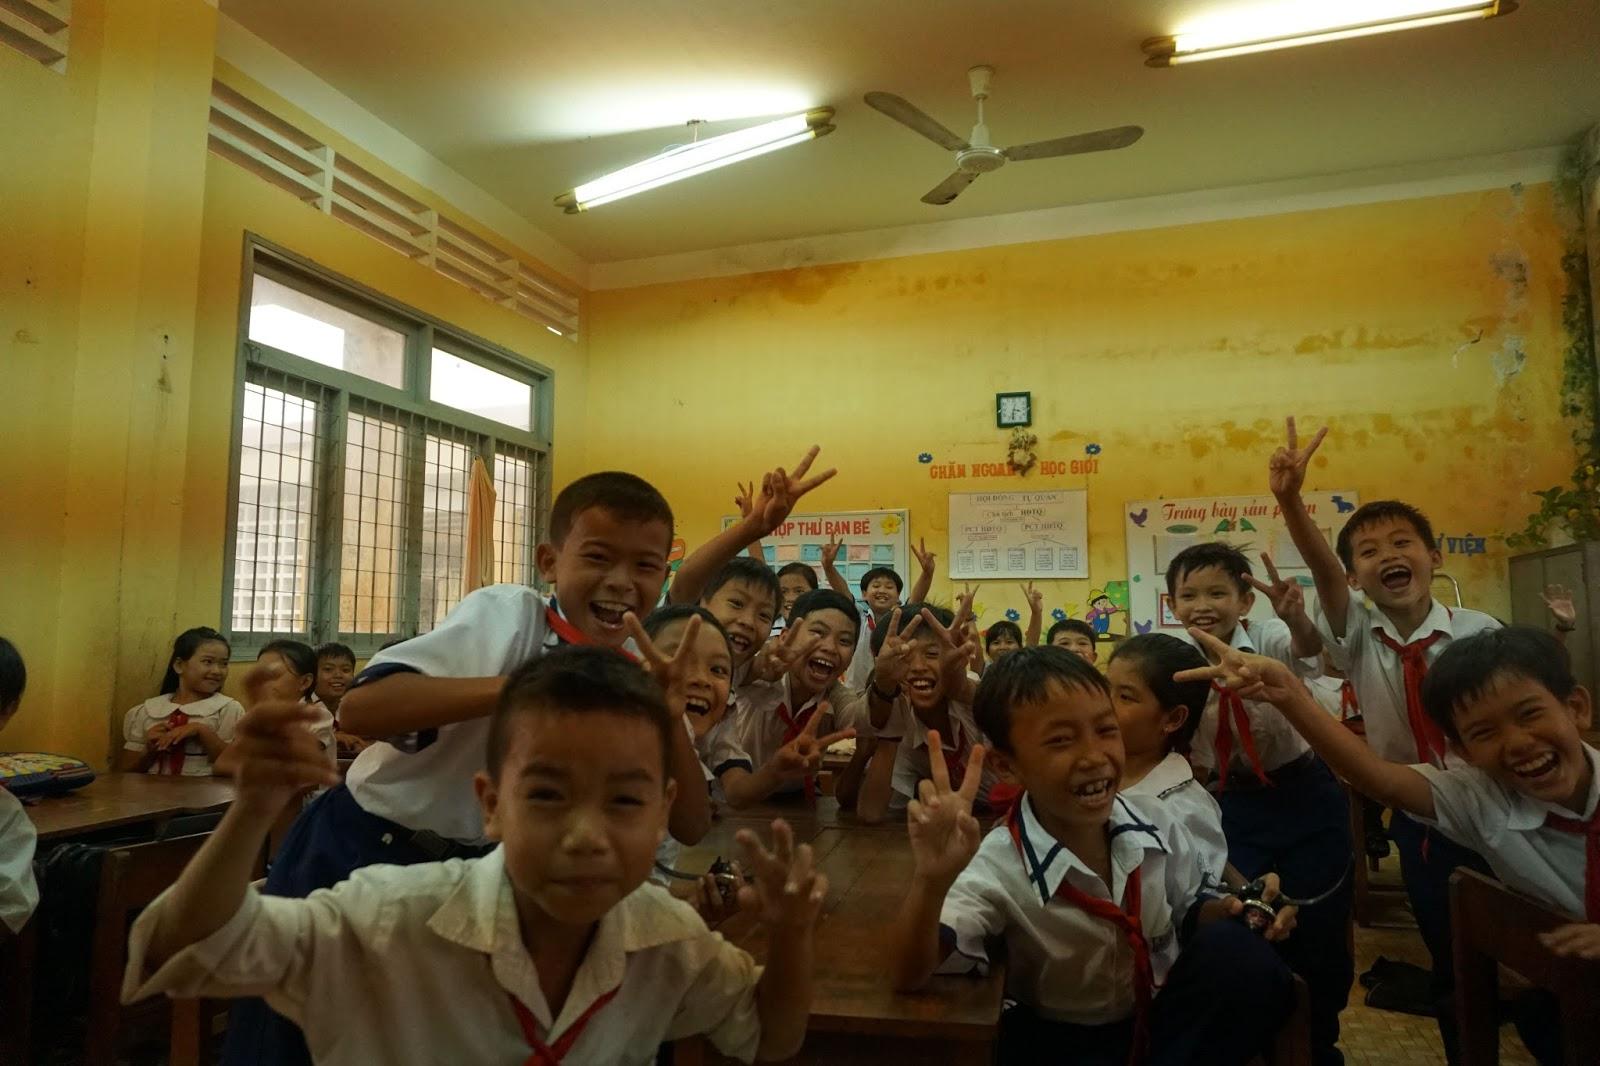 Các em vui vẻ vào lớp chơi đùa...và đặc biệt các em rất thích chụp ảnh